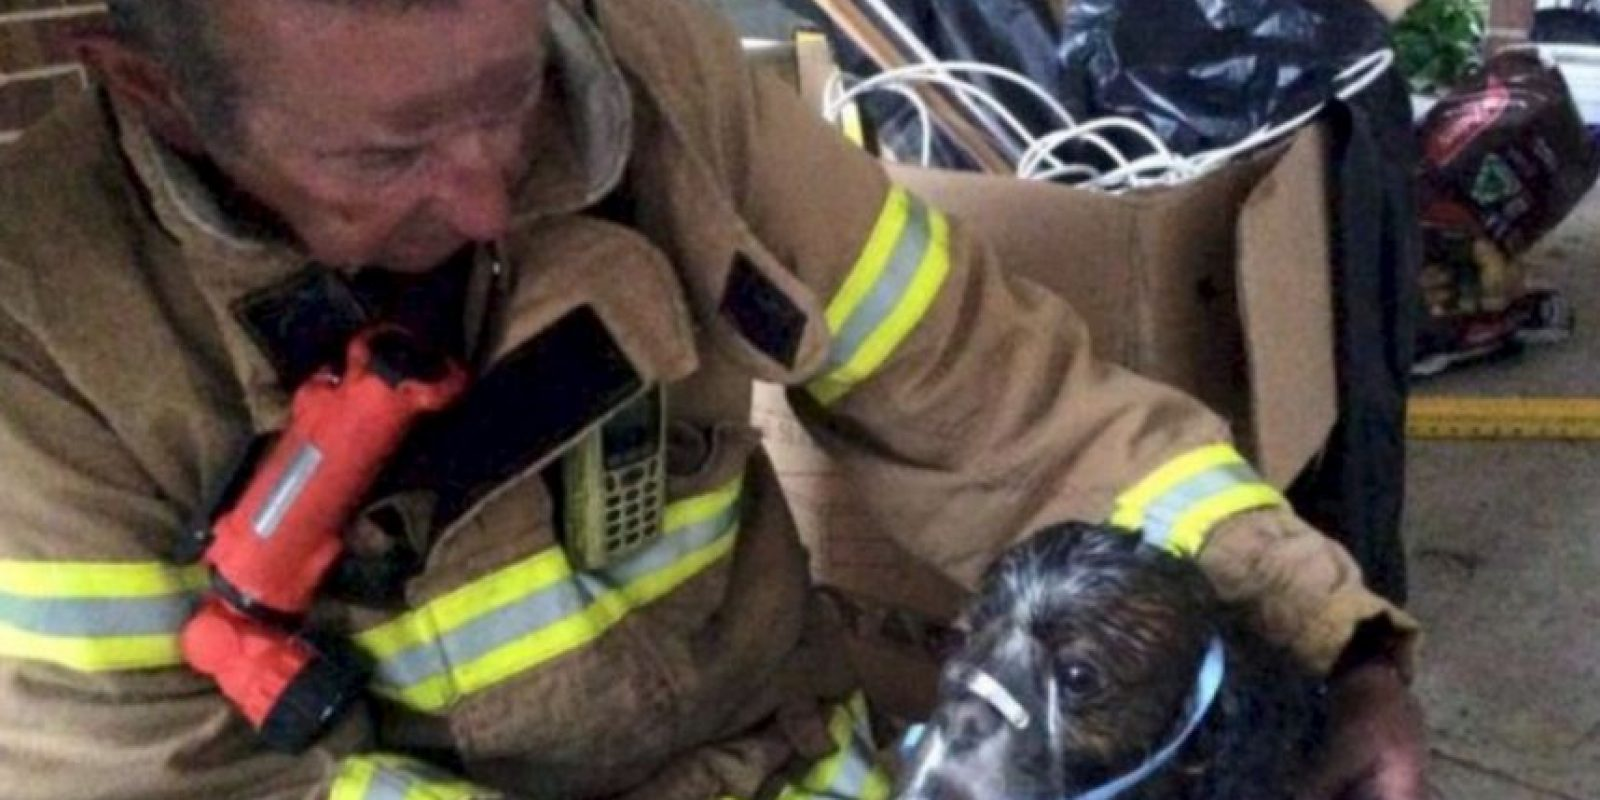 Cuando controlaron el fuego, pudieron encontrar al cachorro. Foto:facebook.com/Melbourne.MFB